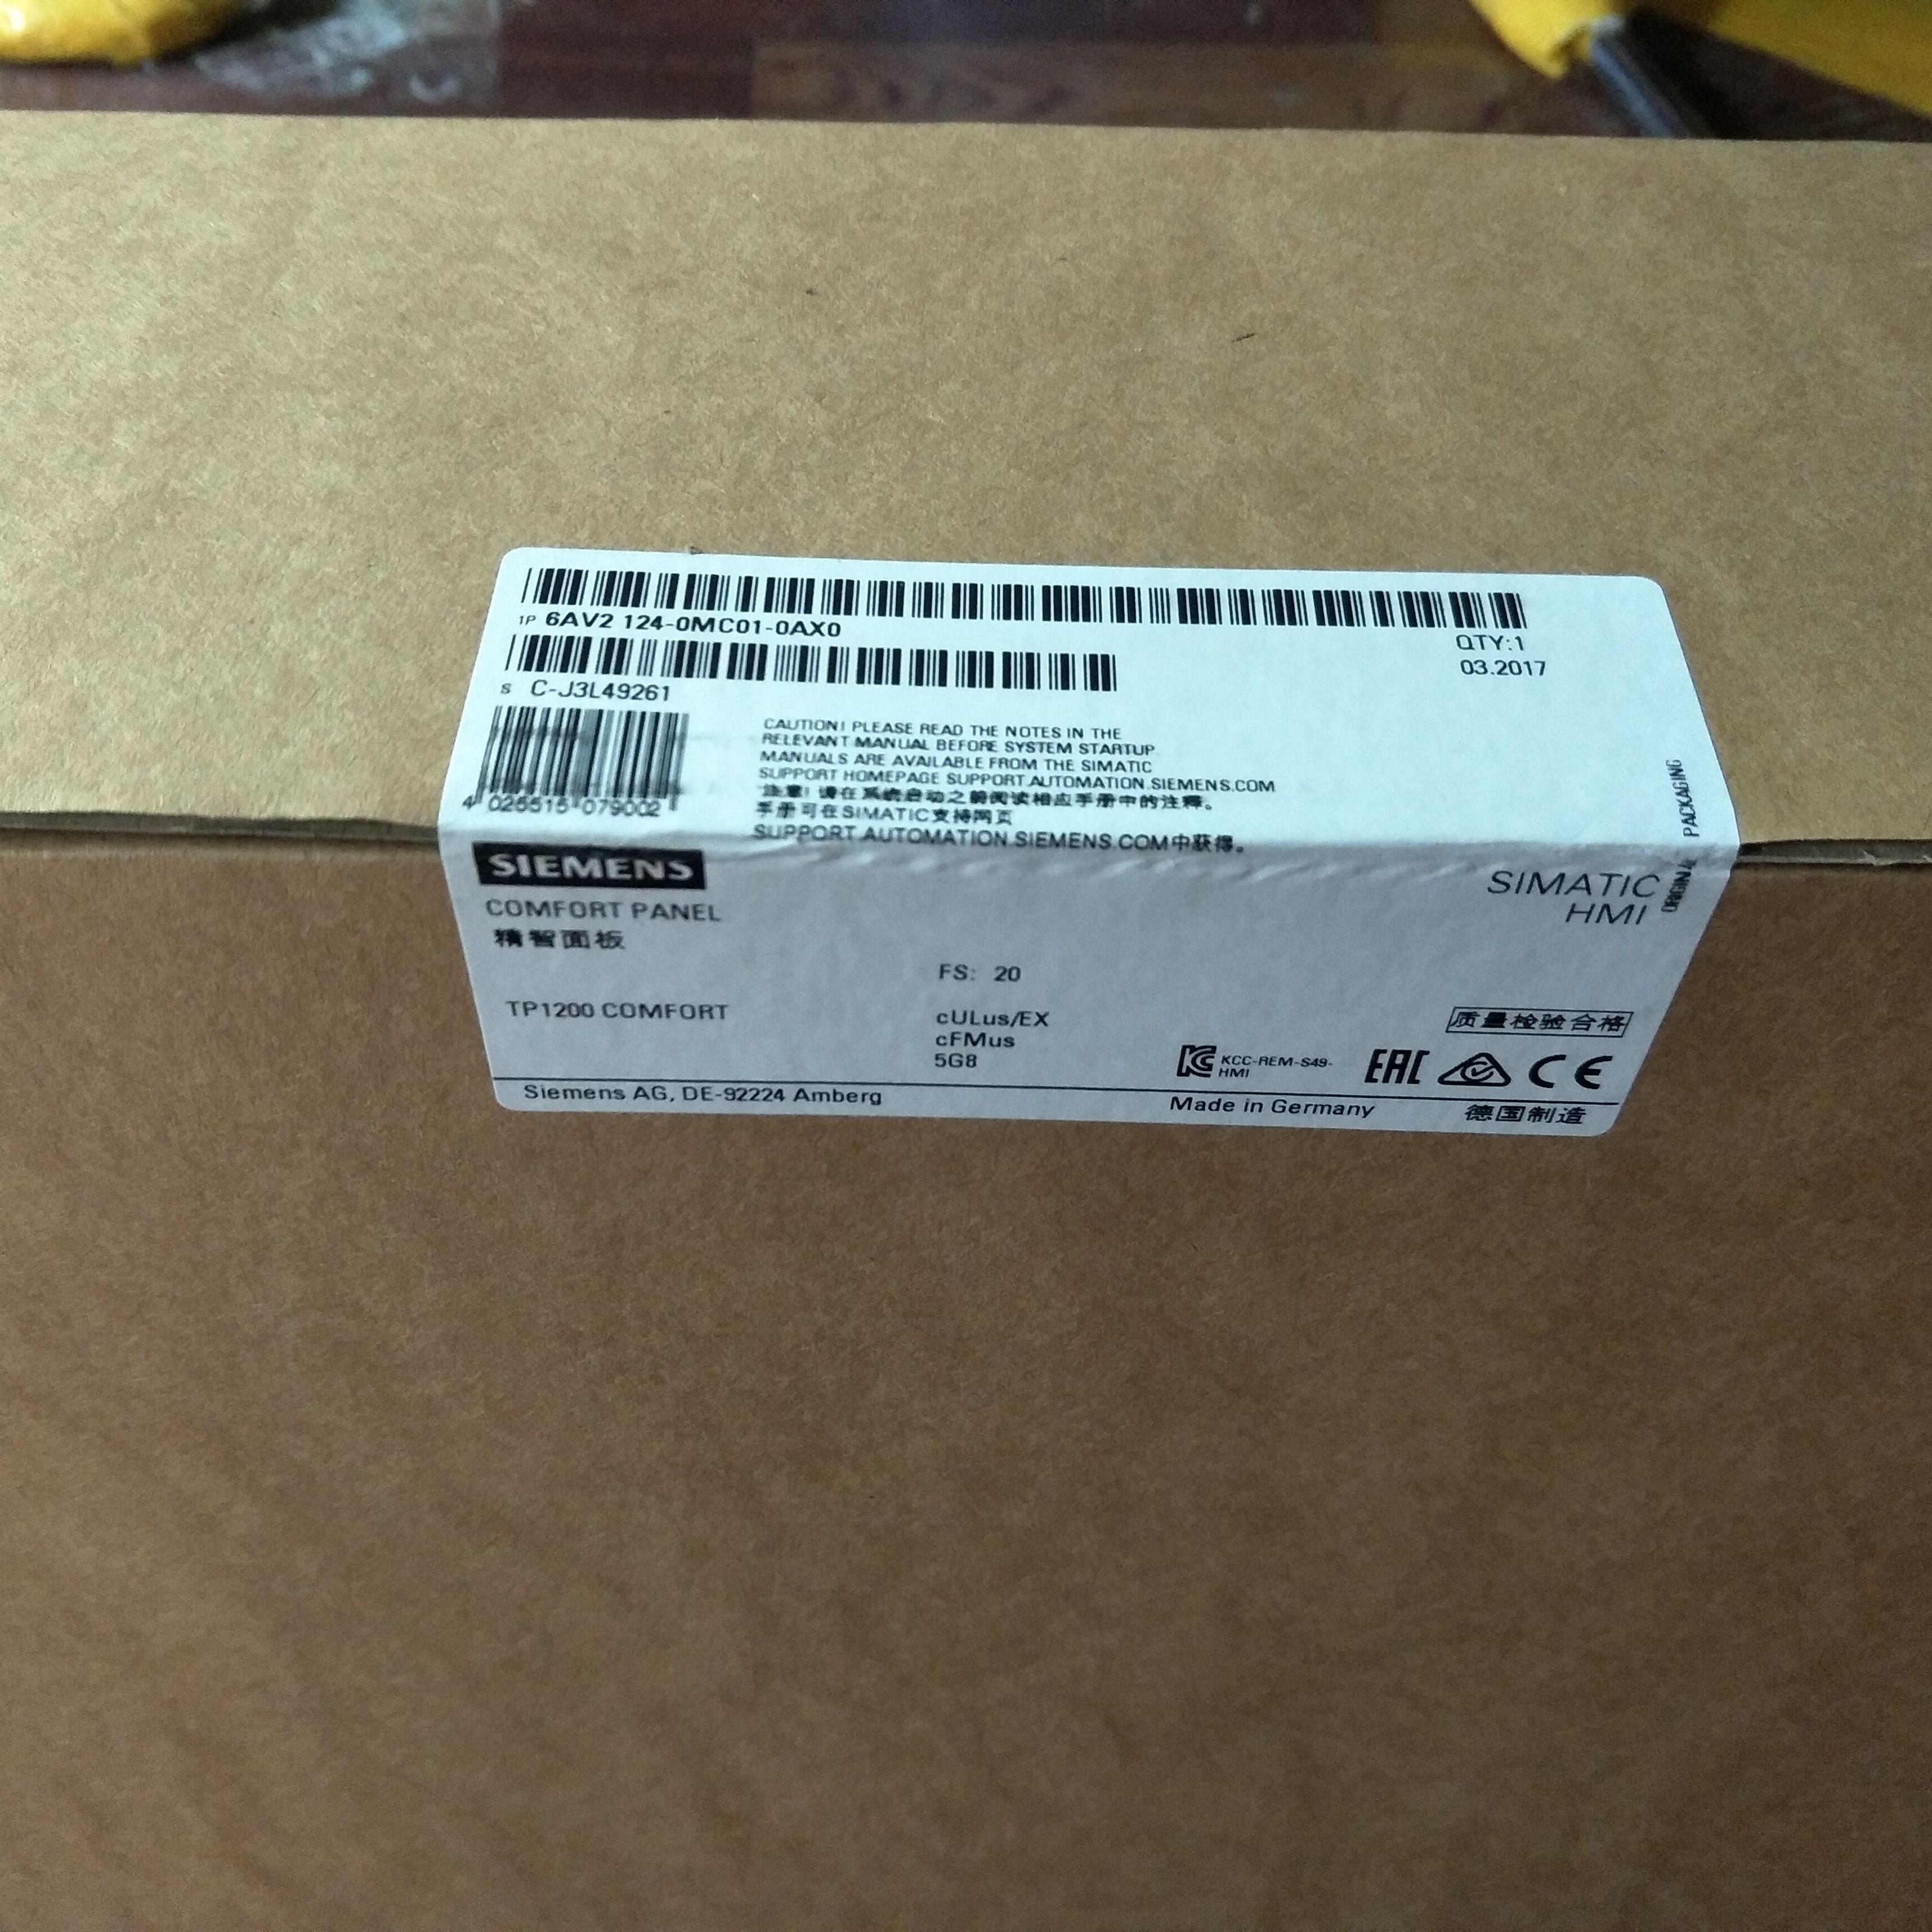 安顺西门子TP1500触摸屏模块代理商